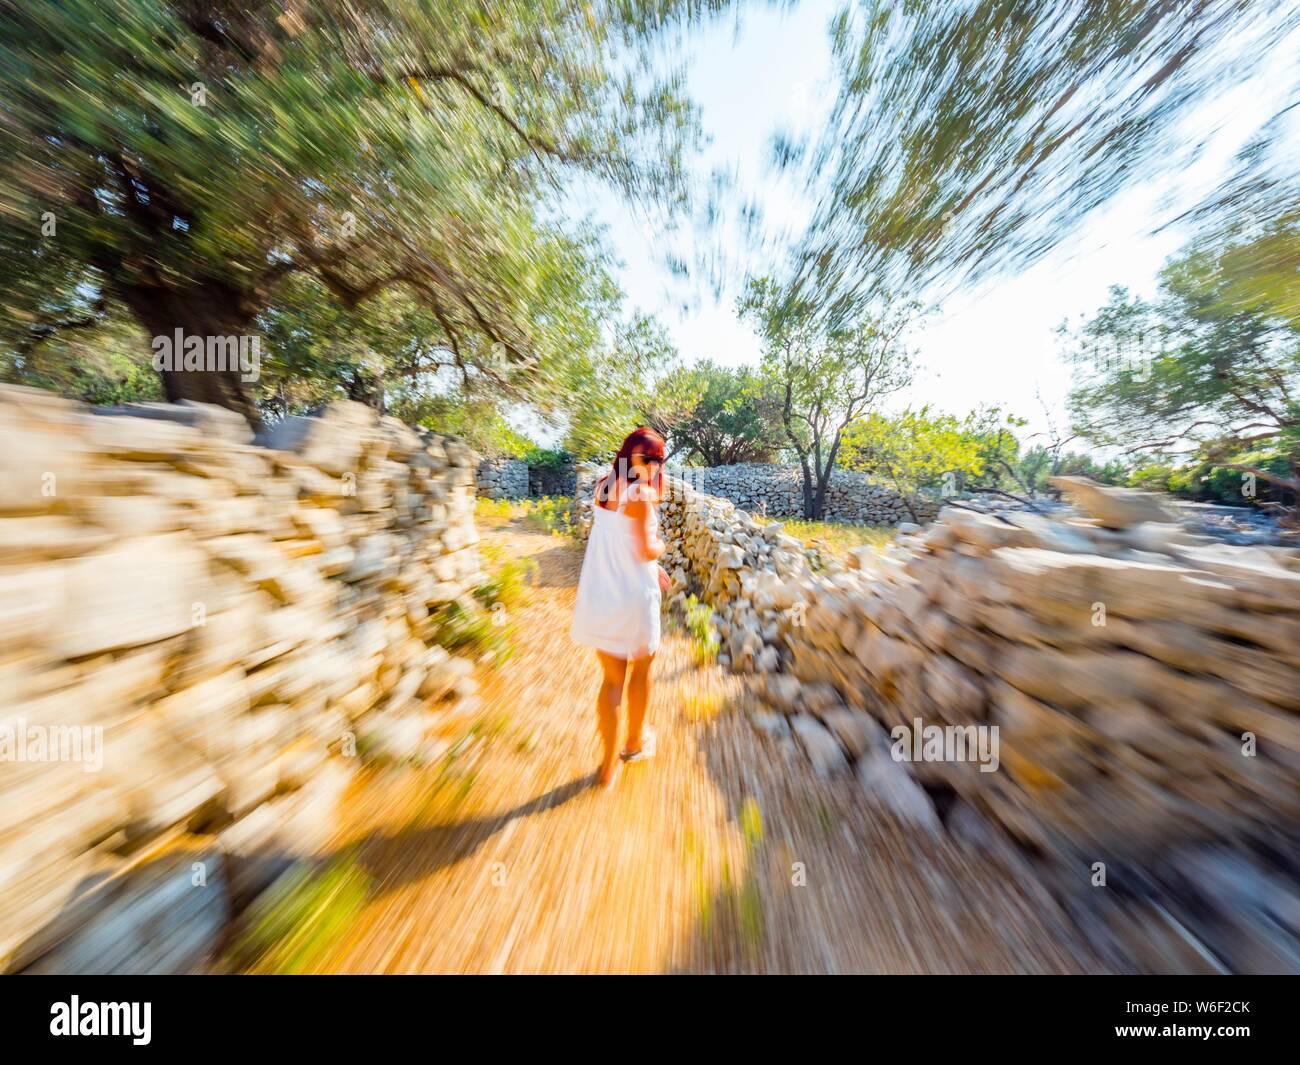 Mujer vistiendo White sundress está huyendo de la cámara mirando hacia atrás sobre el hombro seguido acechado MR Foto de stock